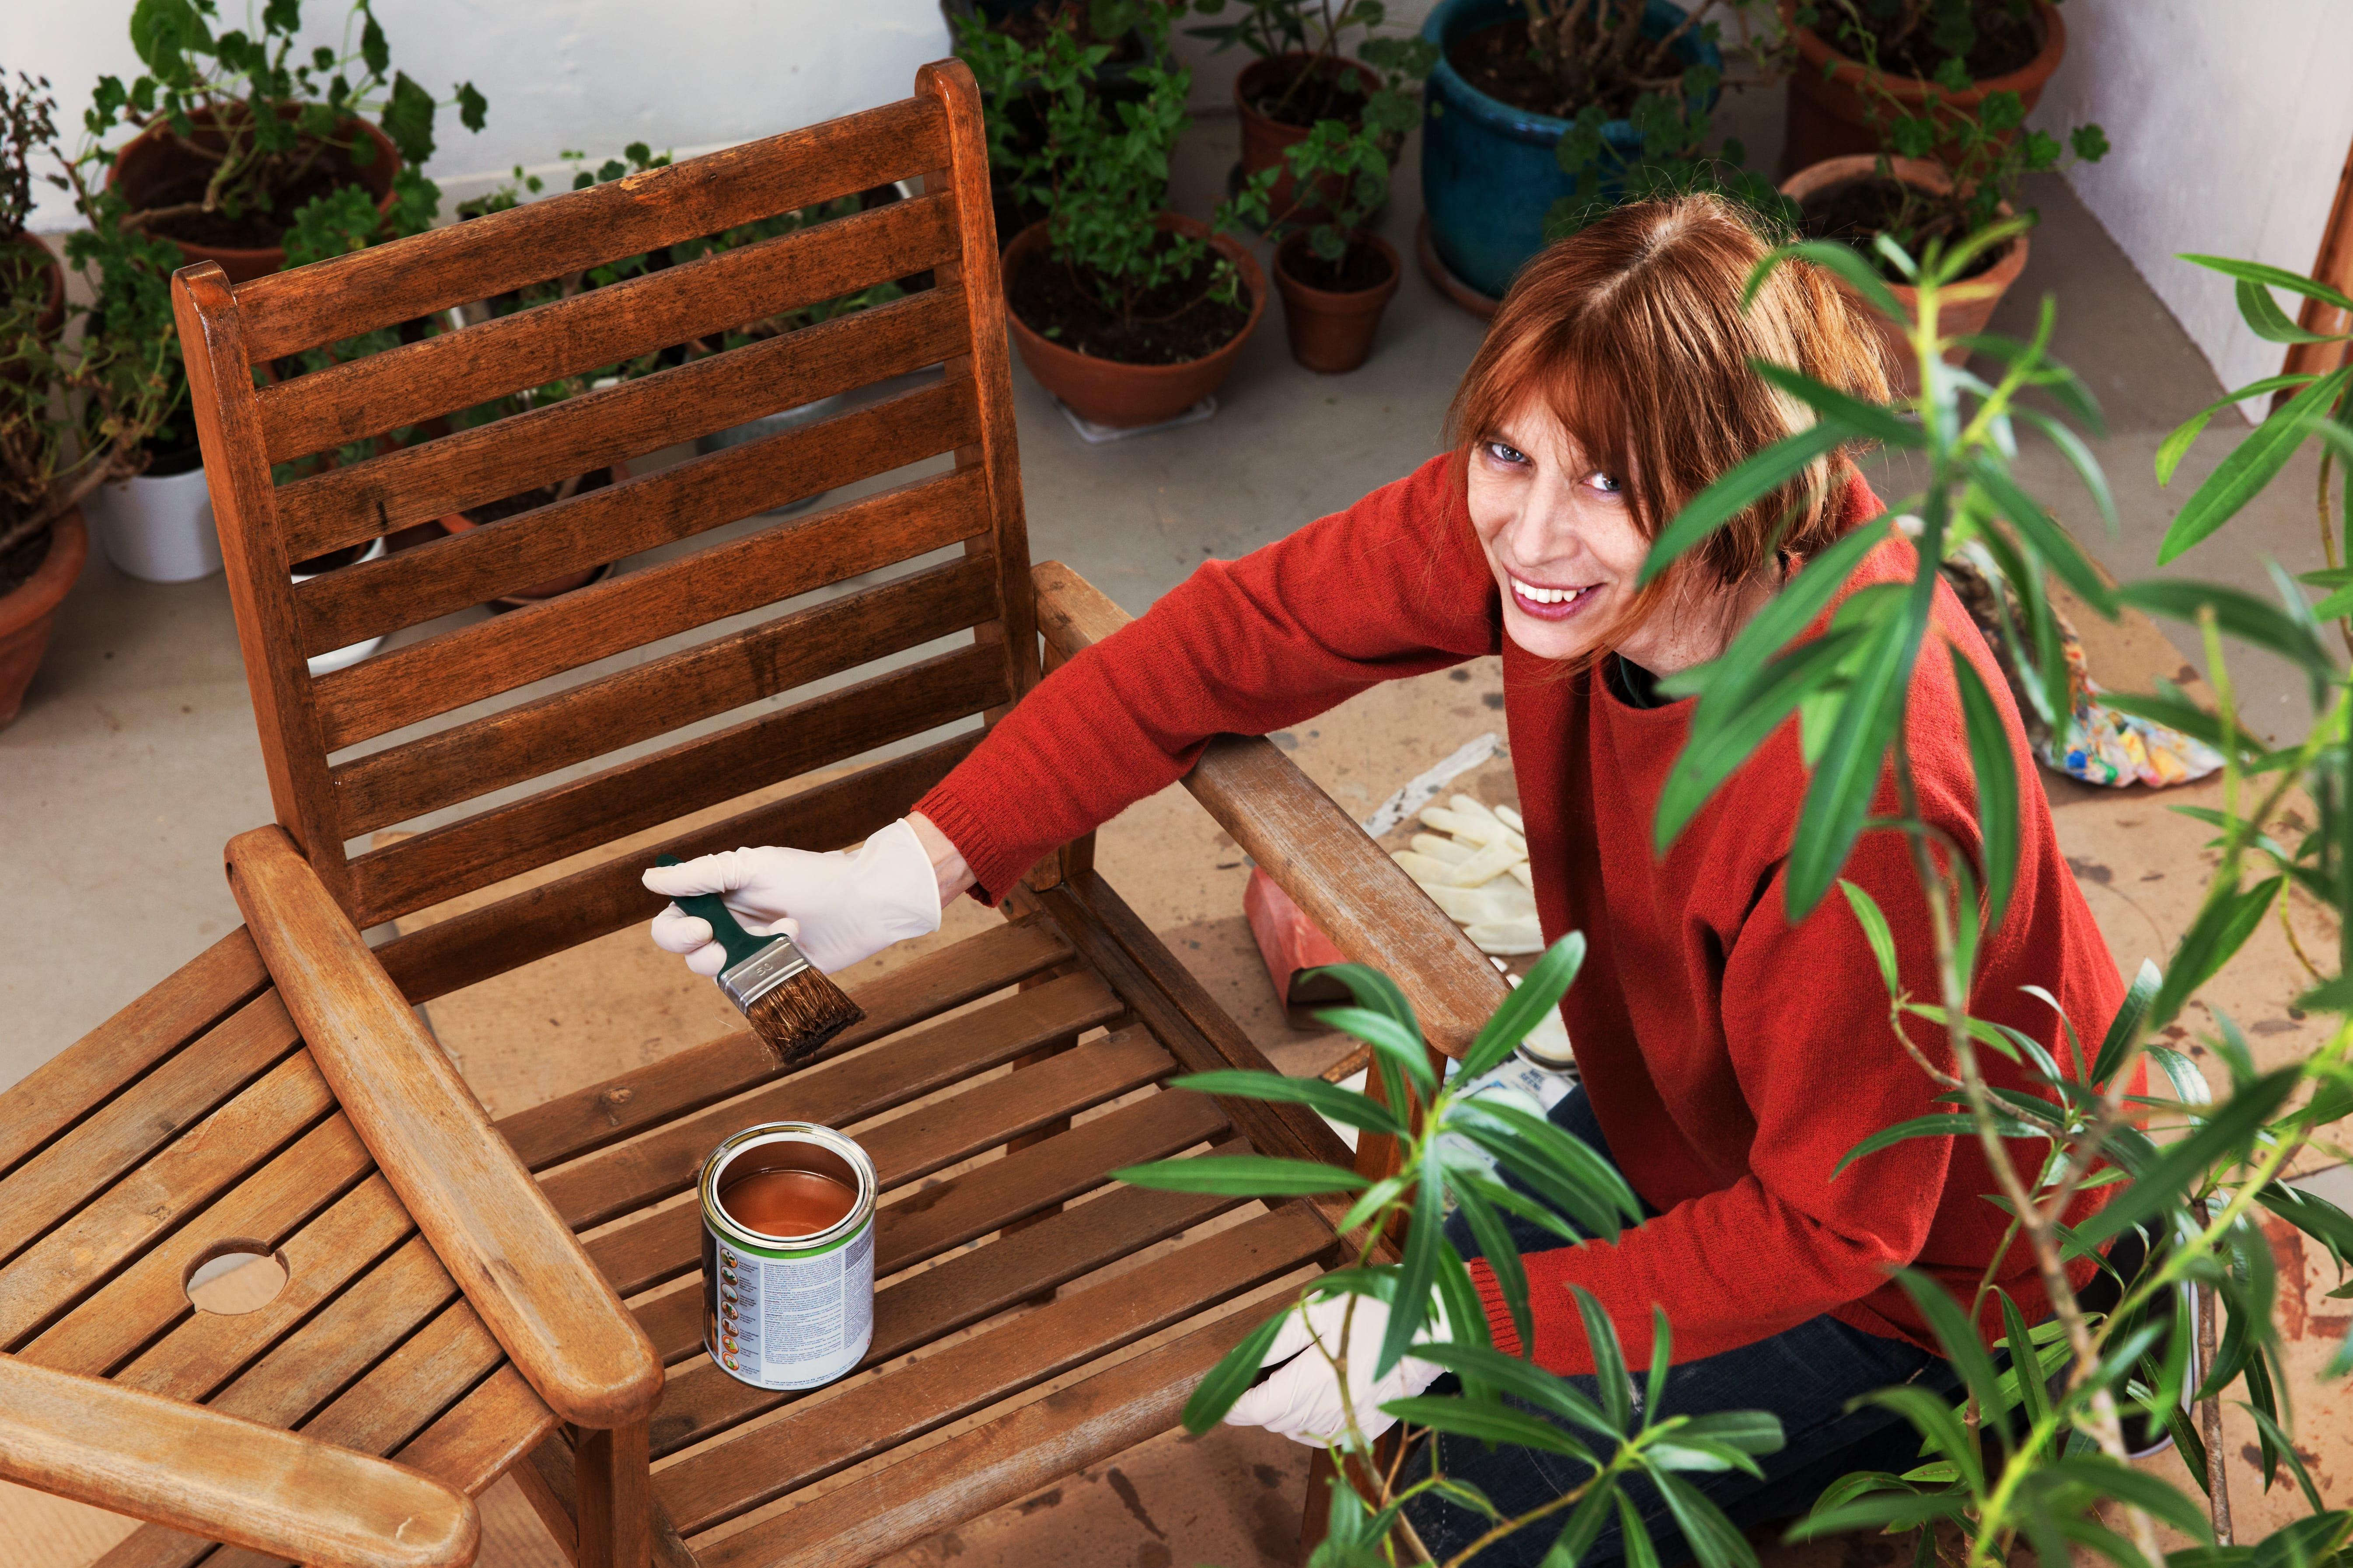 m belpflege l f r balkon und gartenm bel verwenden. Black Bedroom Furniture Sets. Home Design Ideas